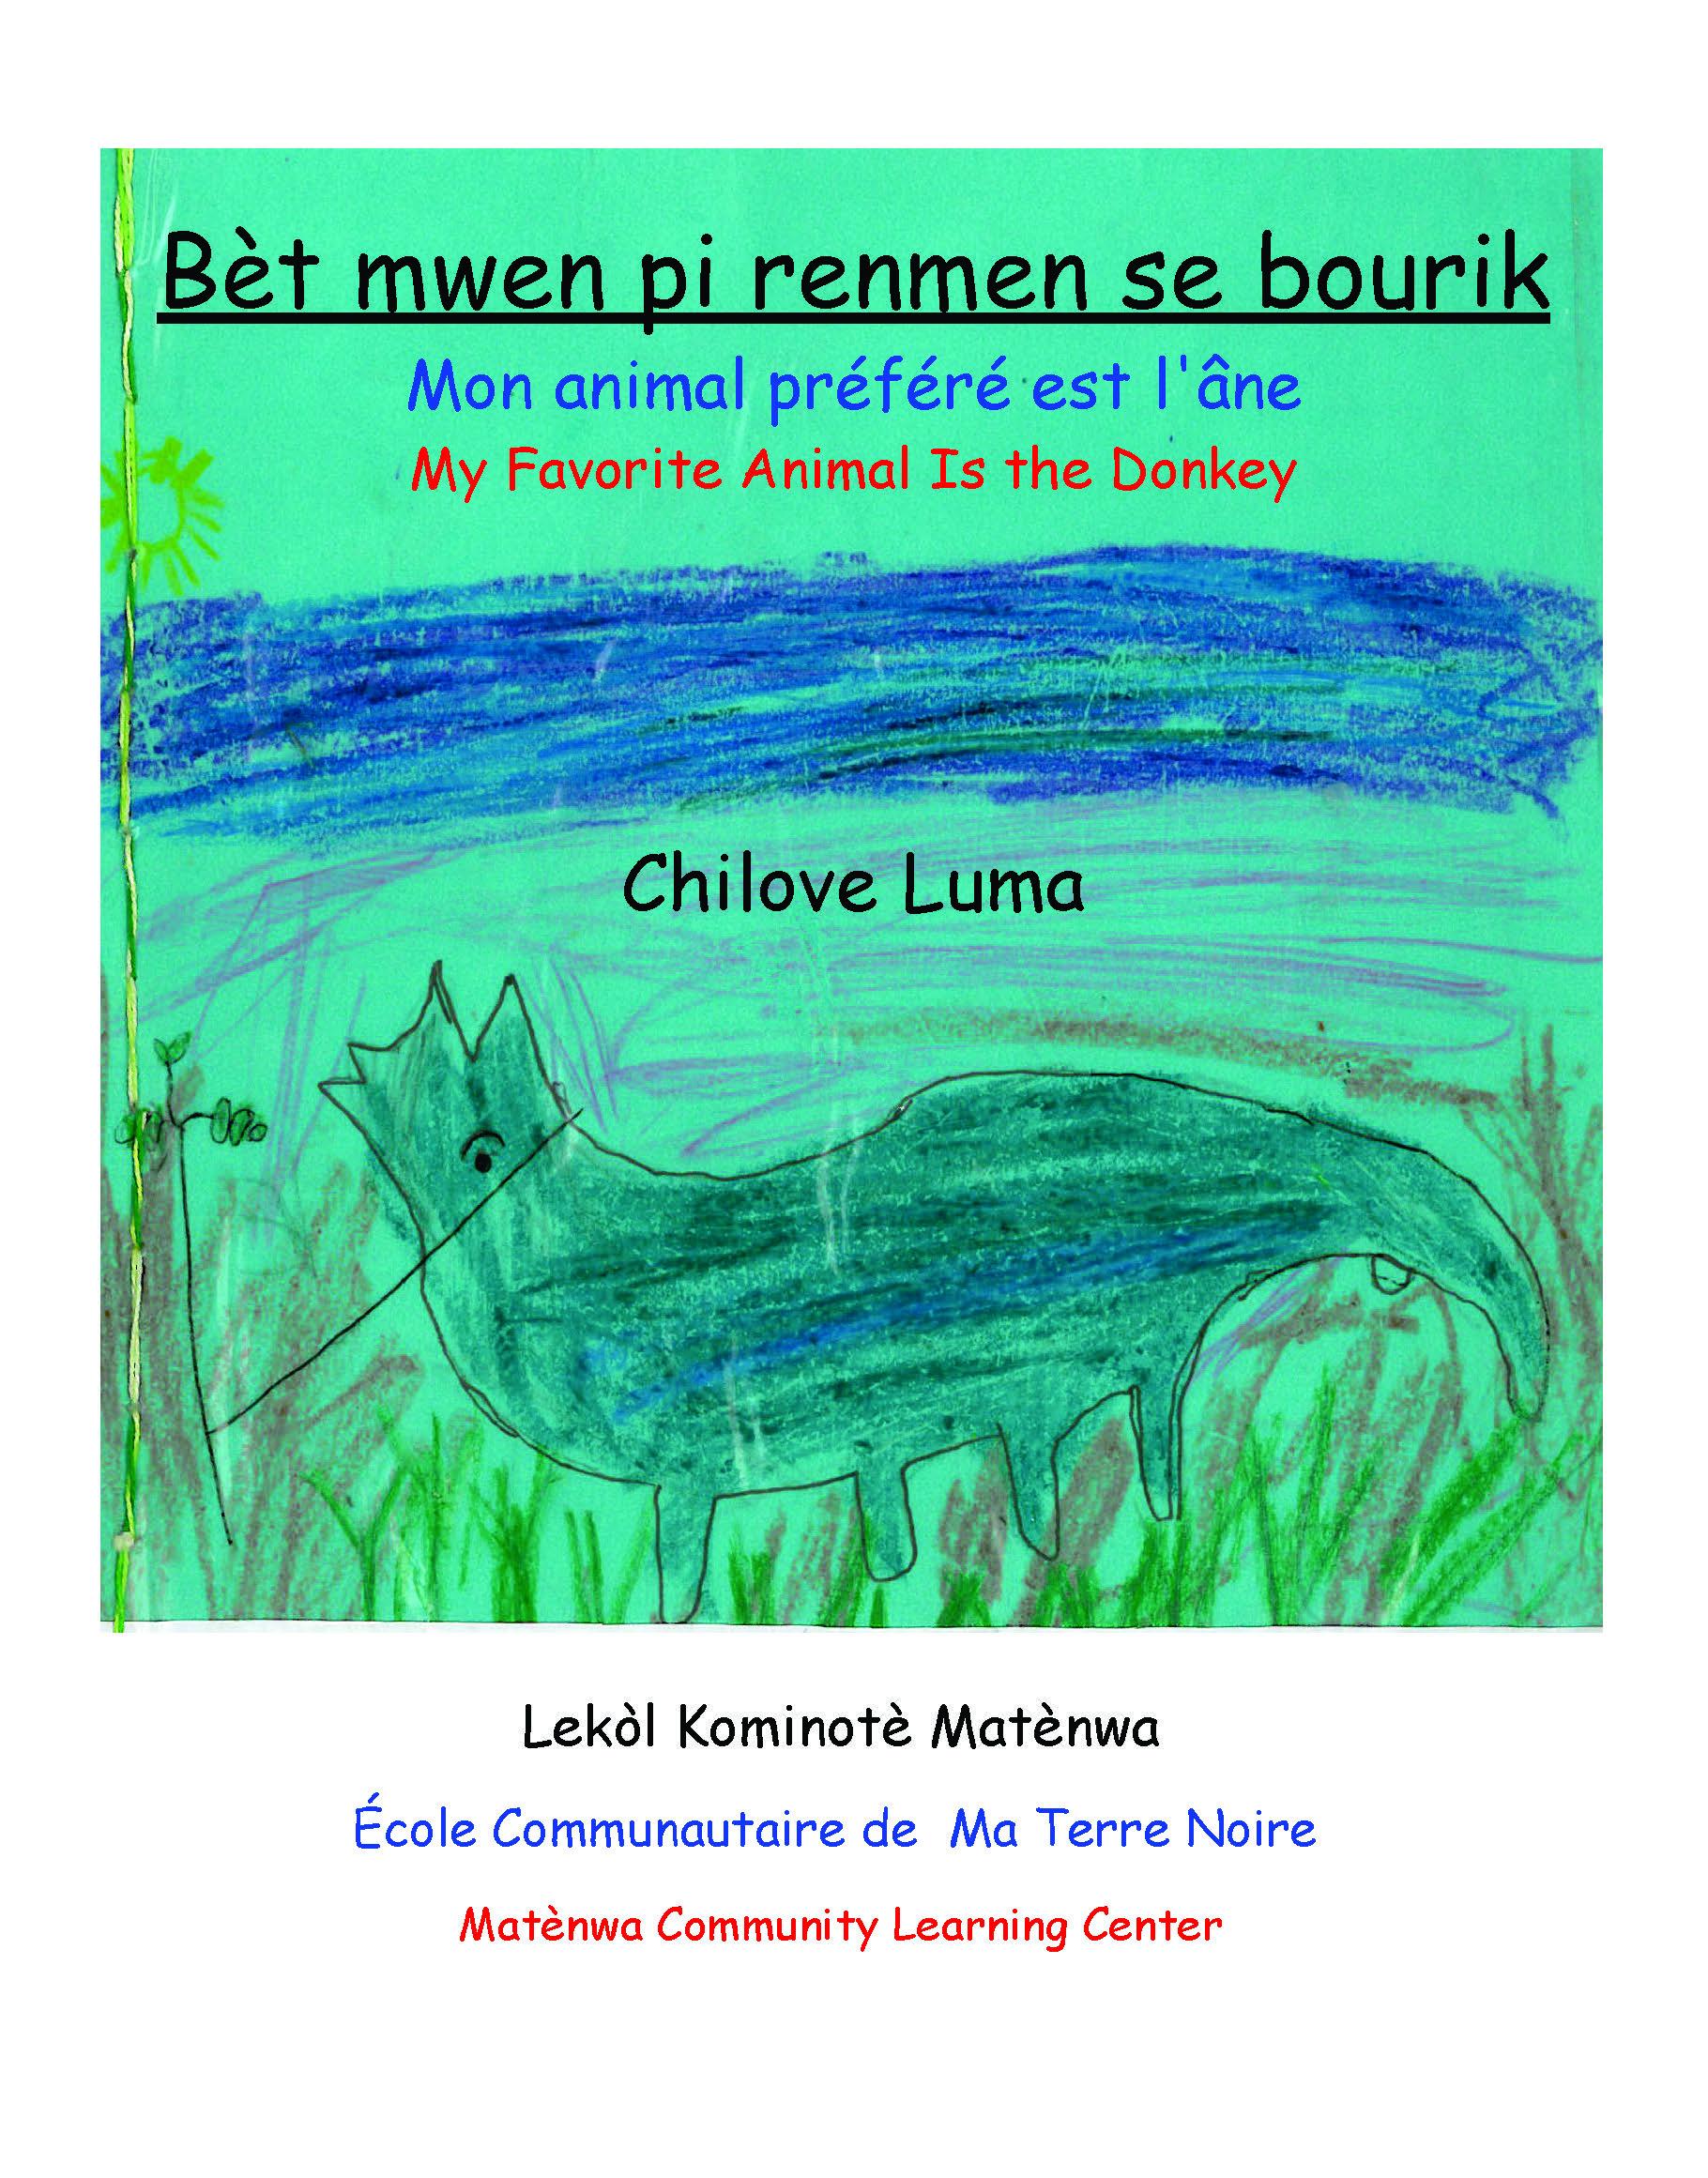 Bèt mwen pi renmen se bourik / My Favorite Animal is the Donkey